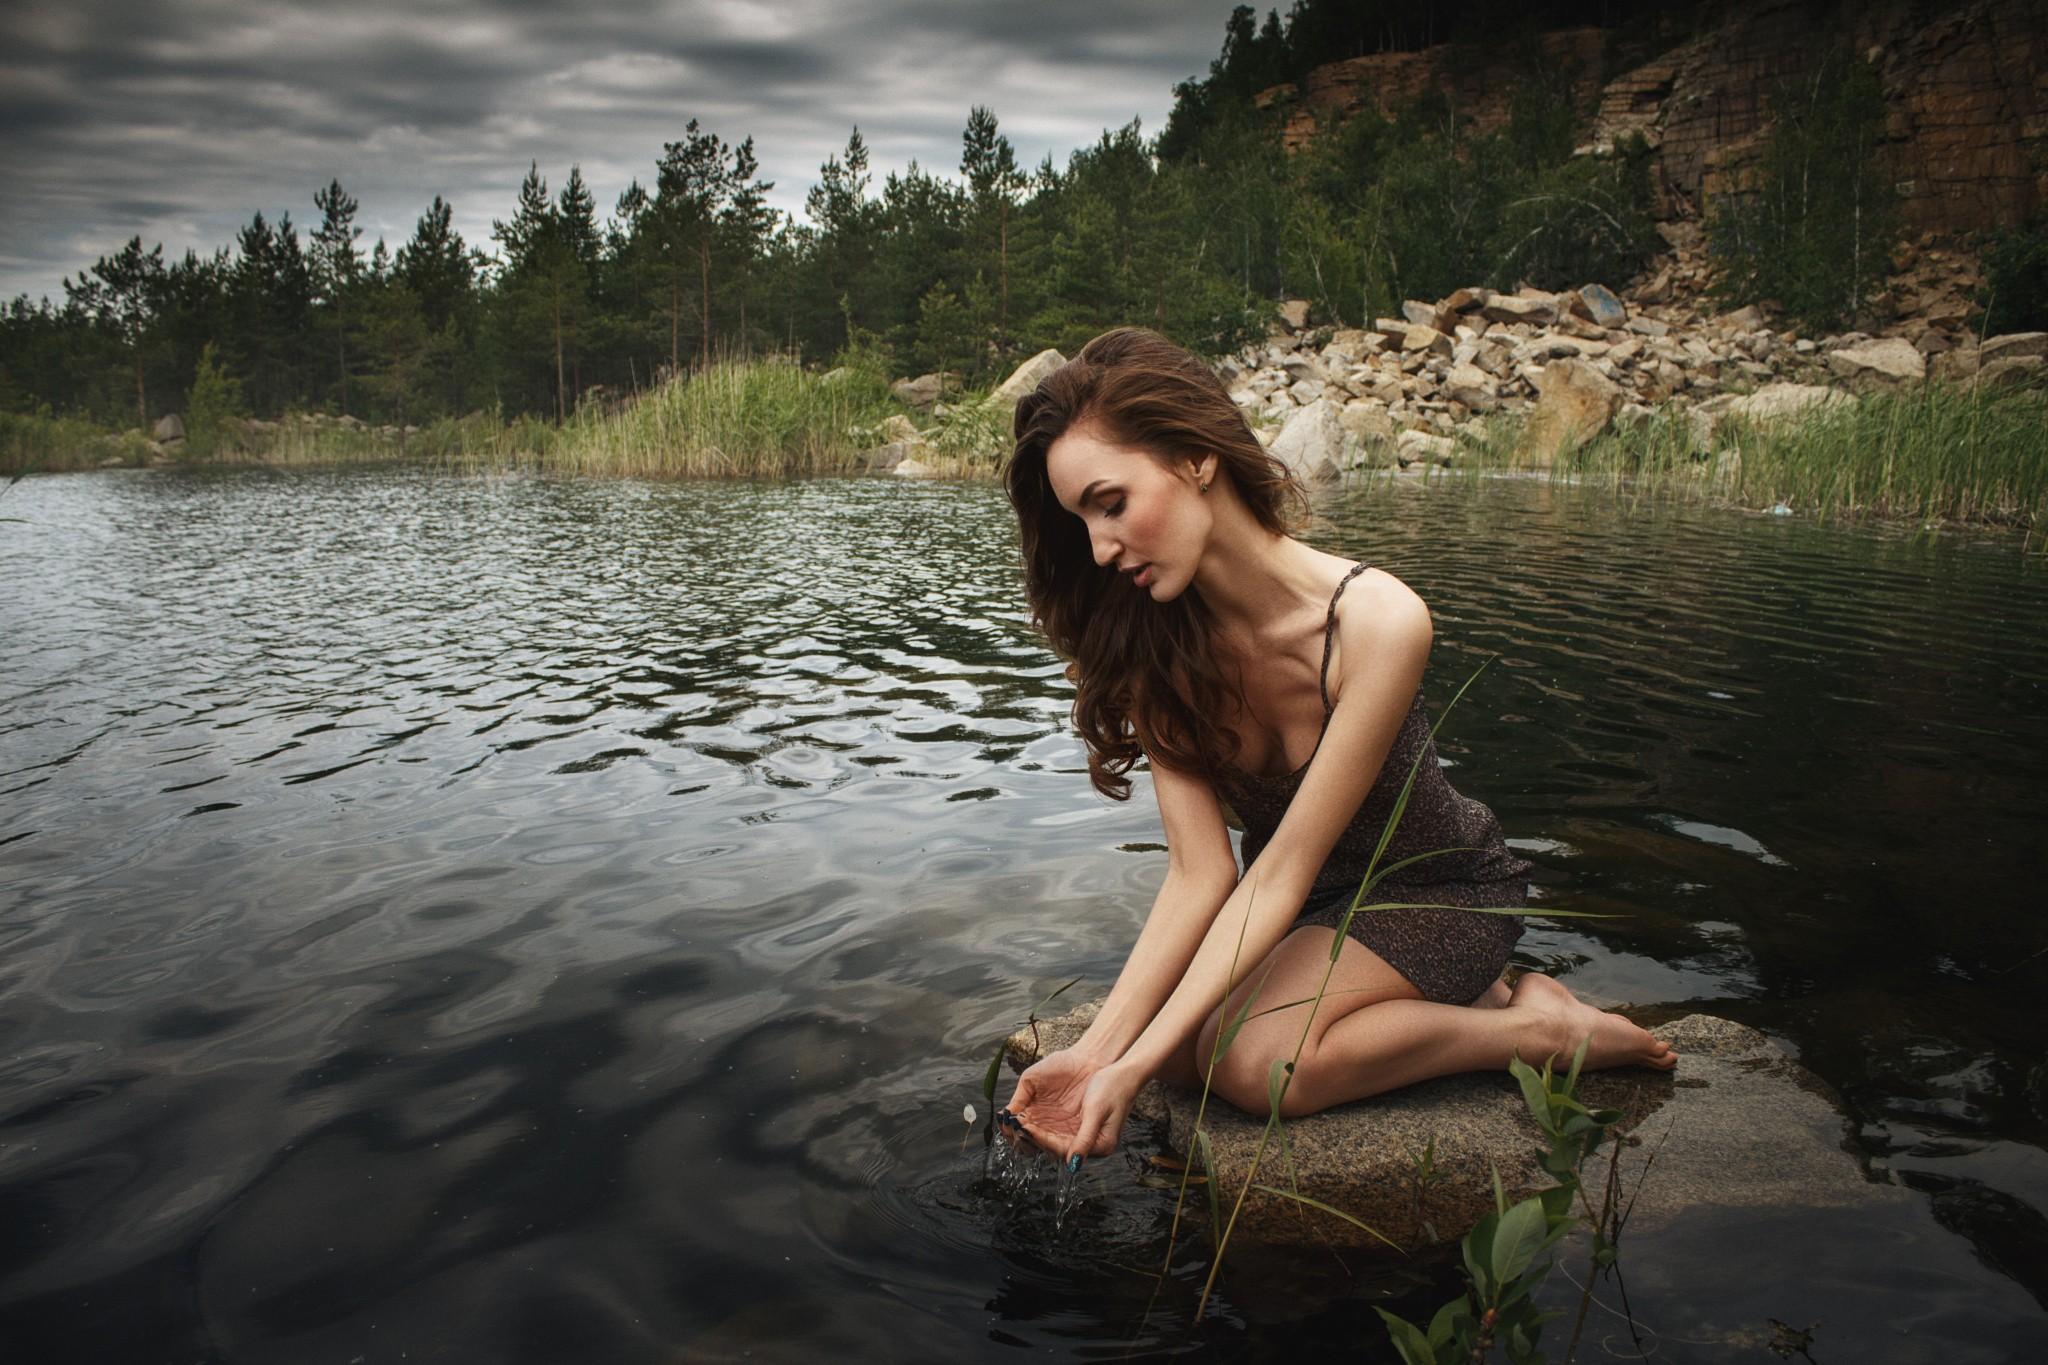 как сделать фотосессию у реки проявляться